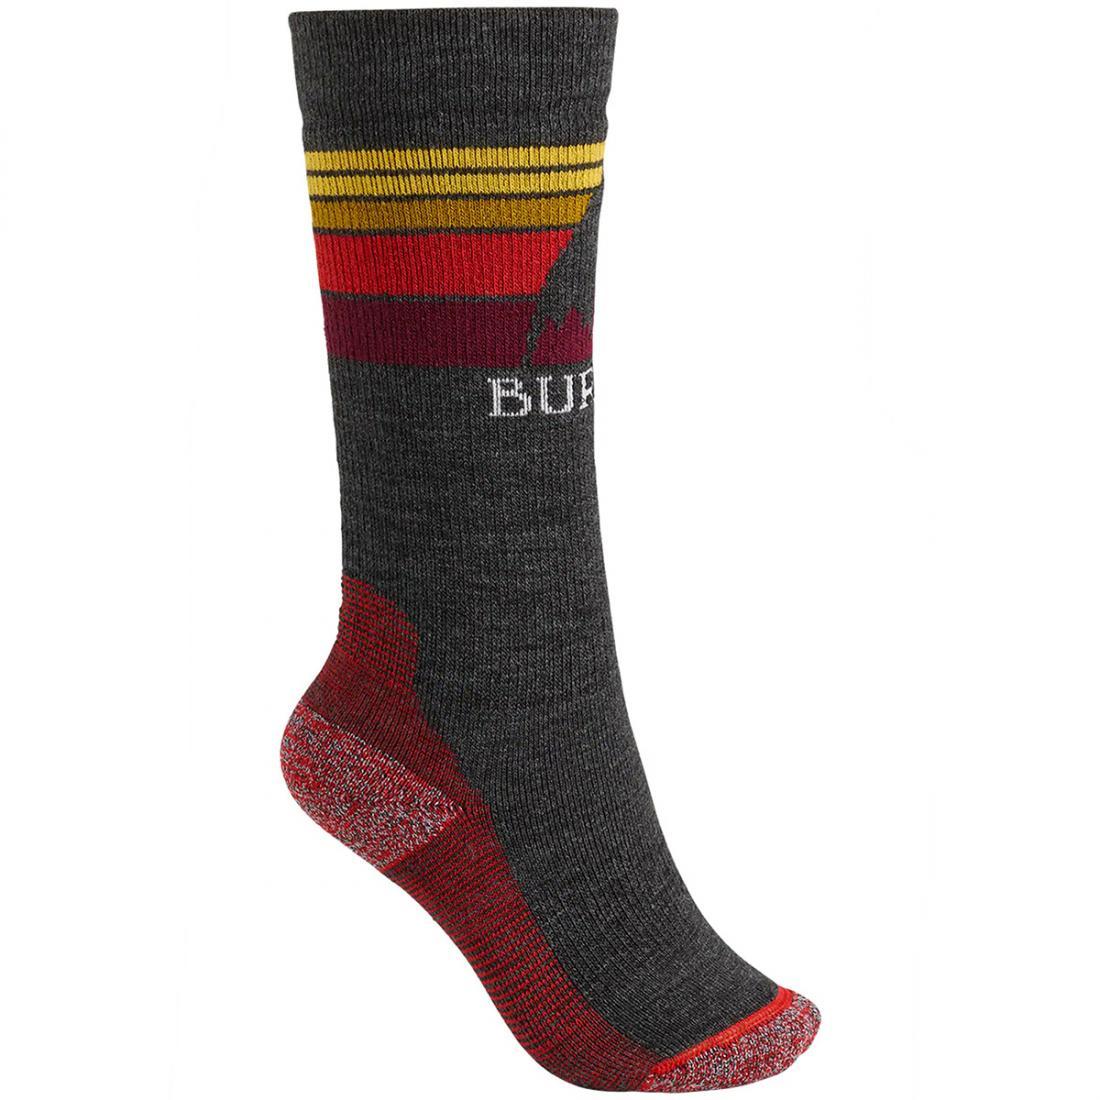 Детские сноубордические носки Burton Emblem Midweight  купить в Boardshop №1